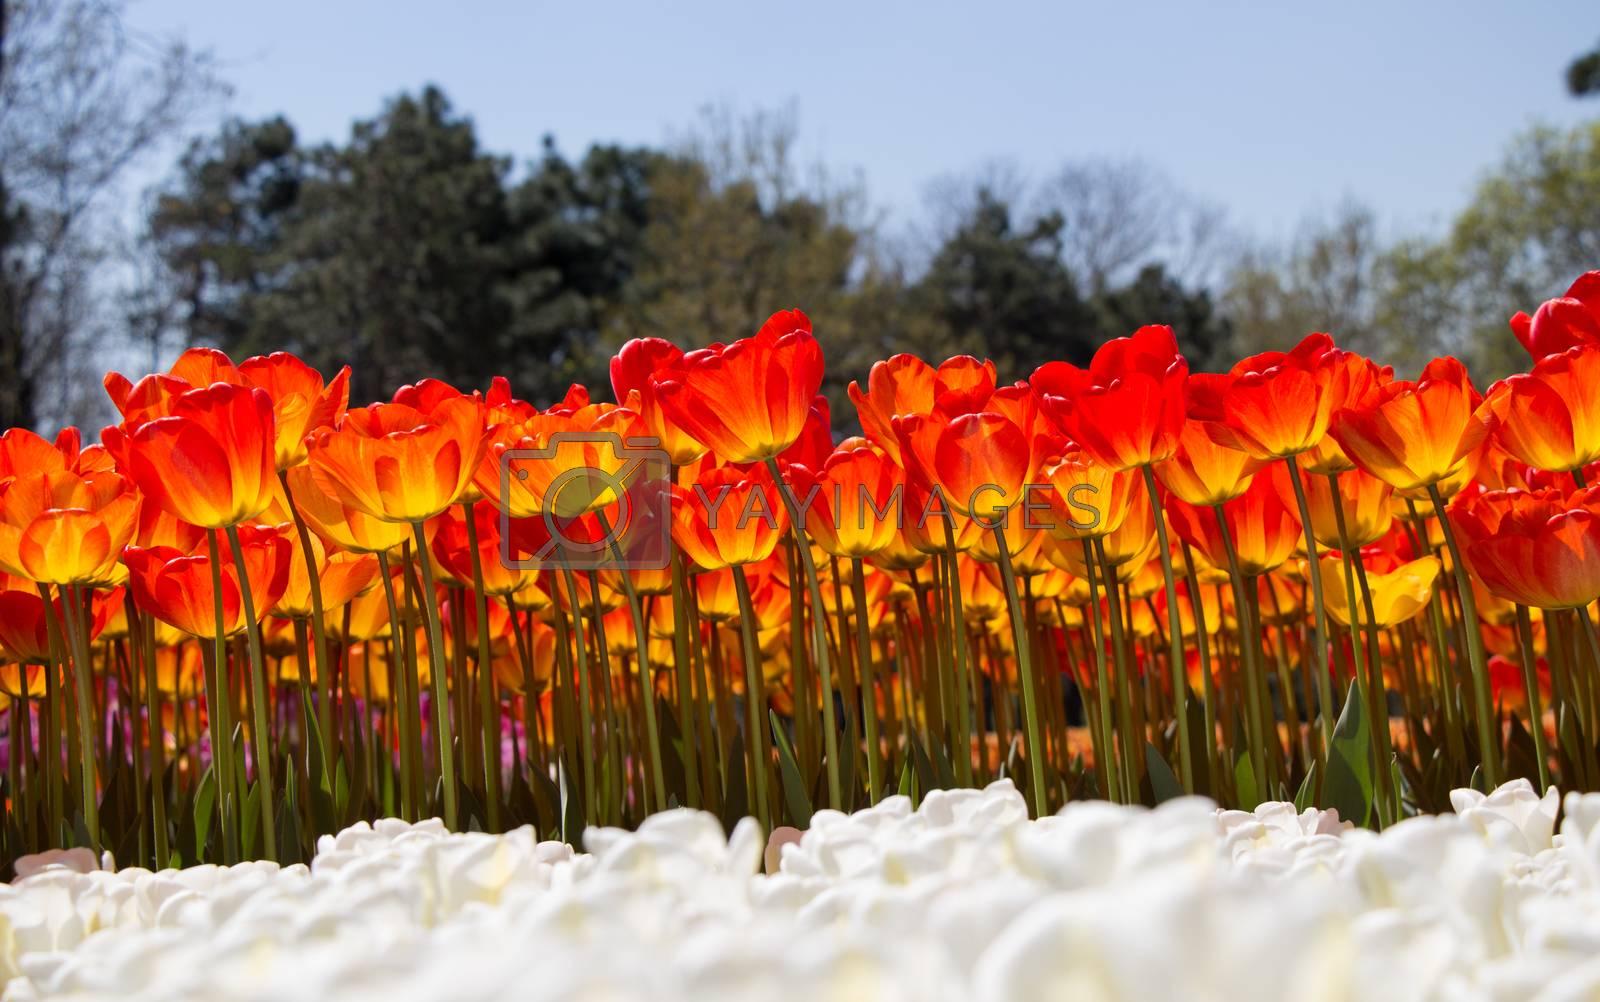 Tulips Blooming in Spring  by berkay